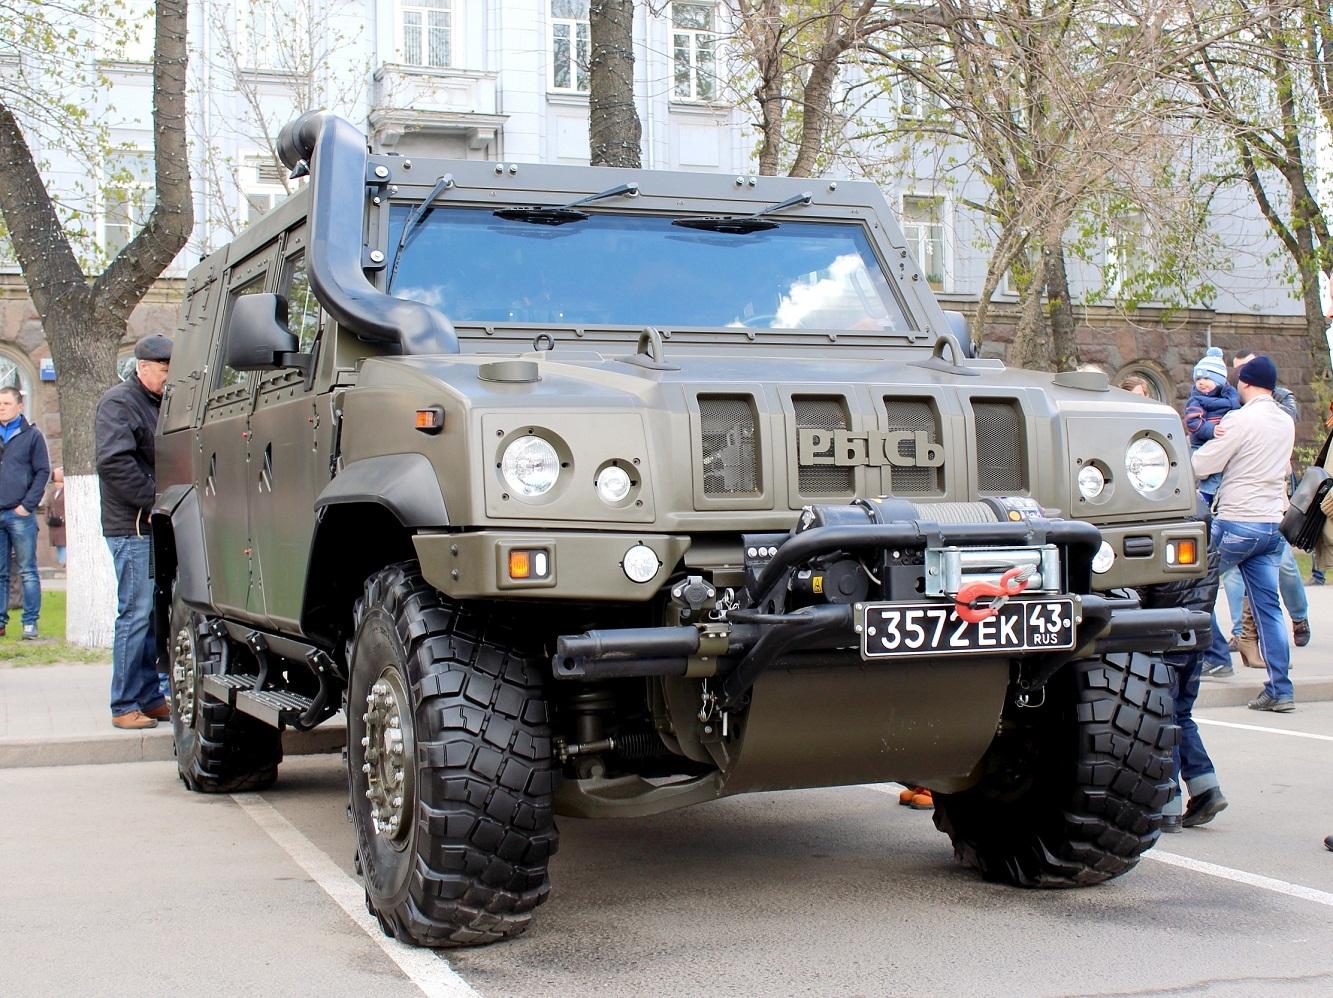 Бронеавтомобиль Iveco LMV Рысь 65Е 19 WM #3572 ЕК 43. Псков, Октябрьская площадь